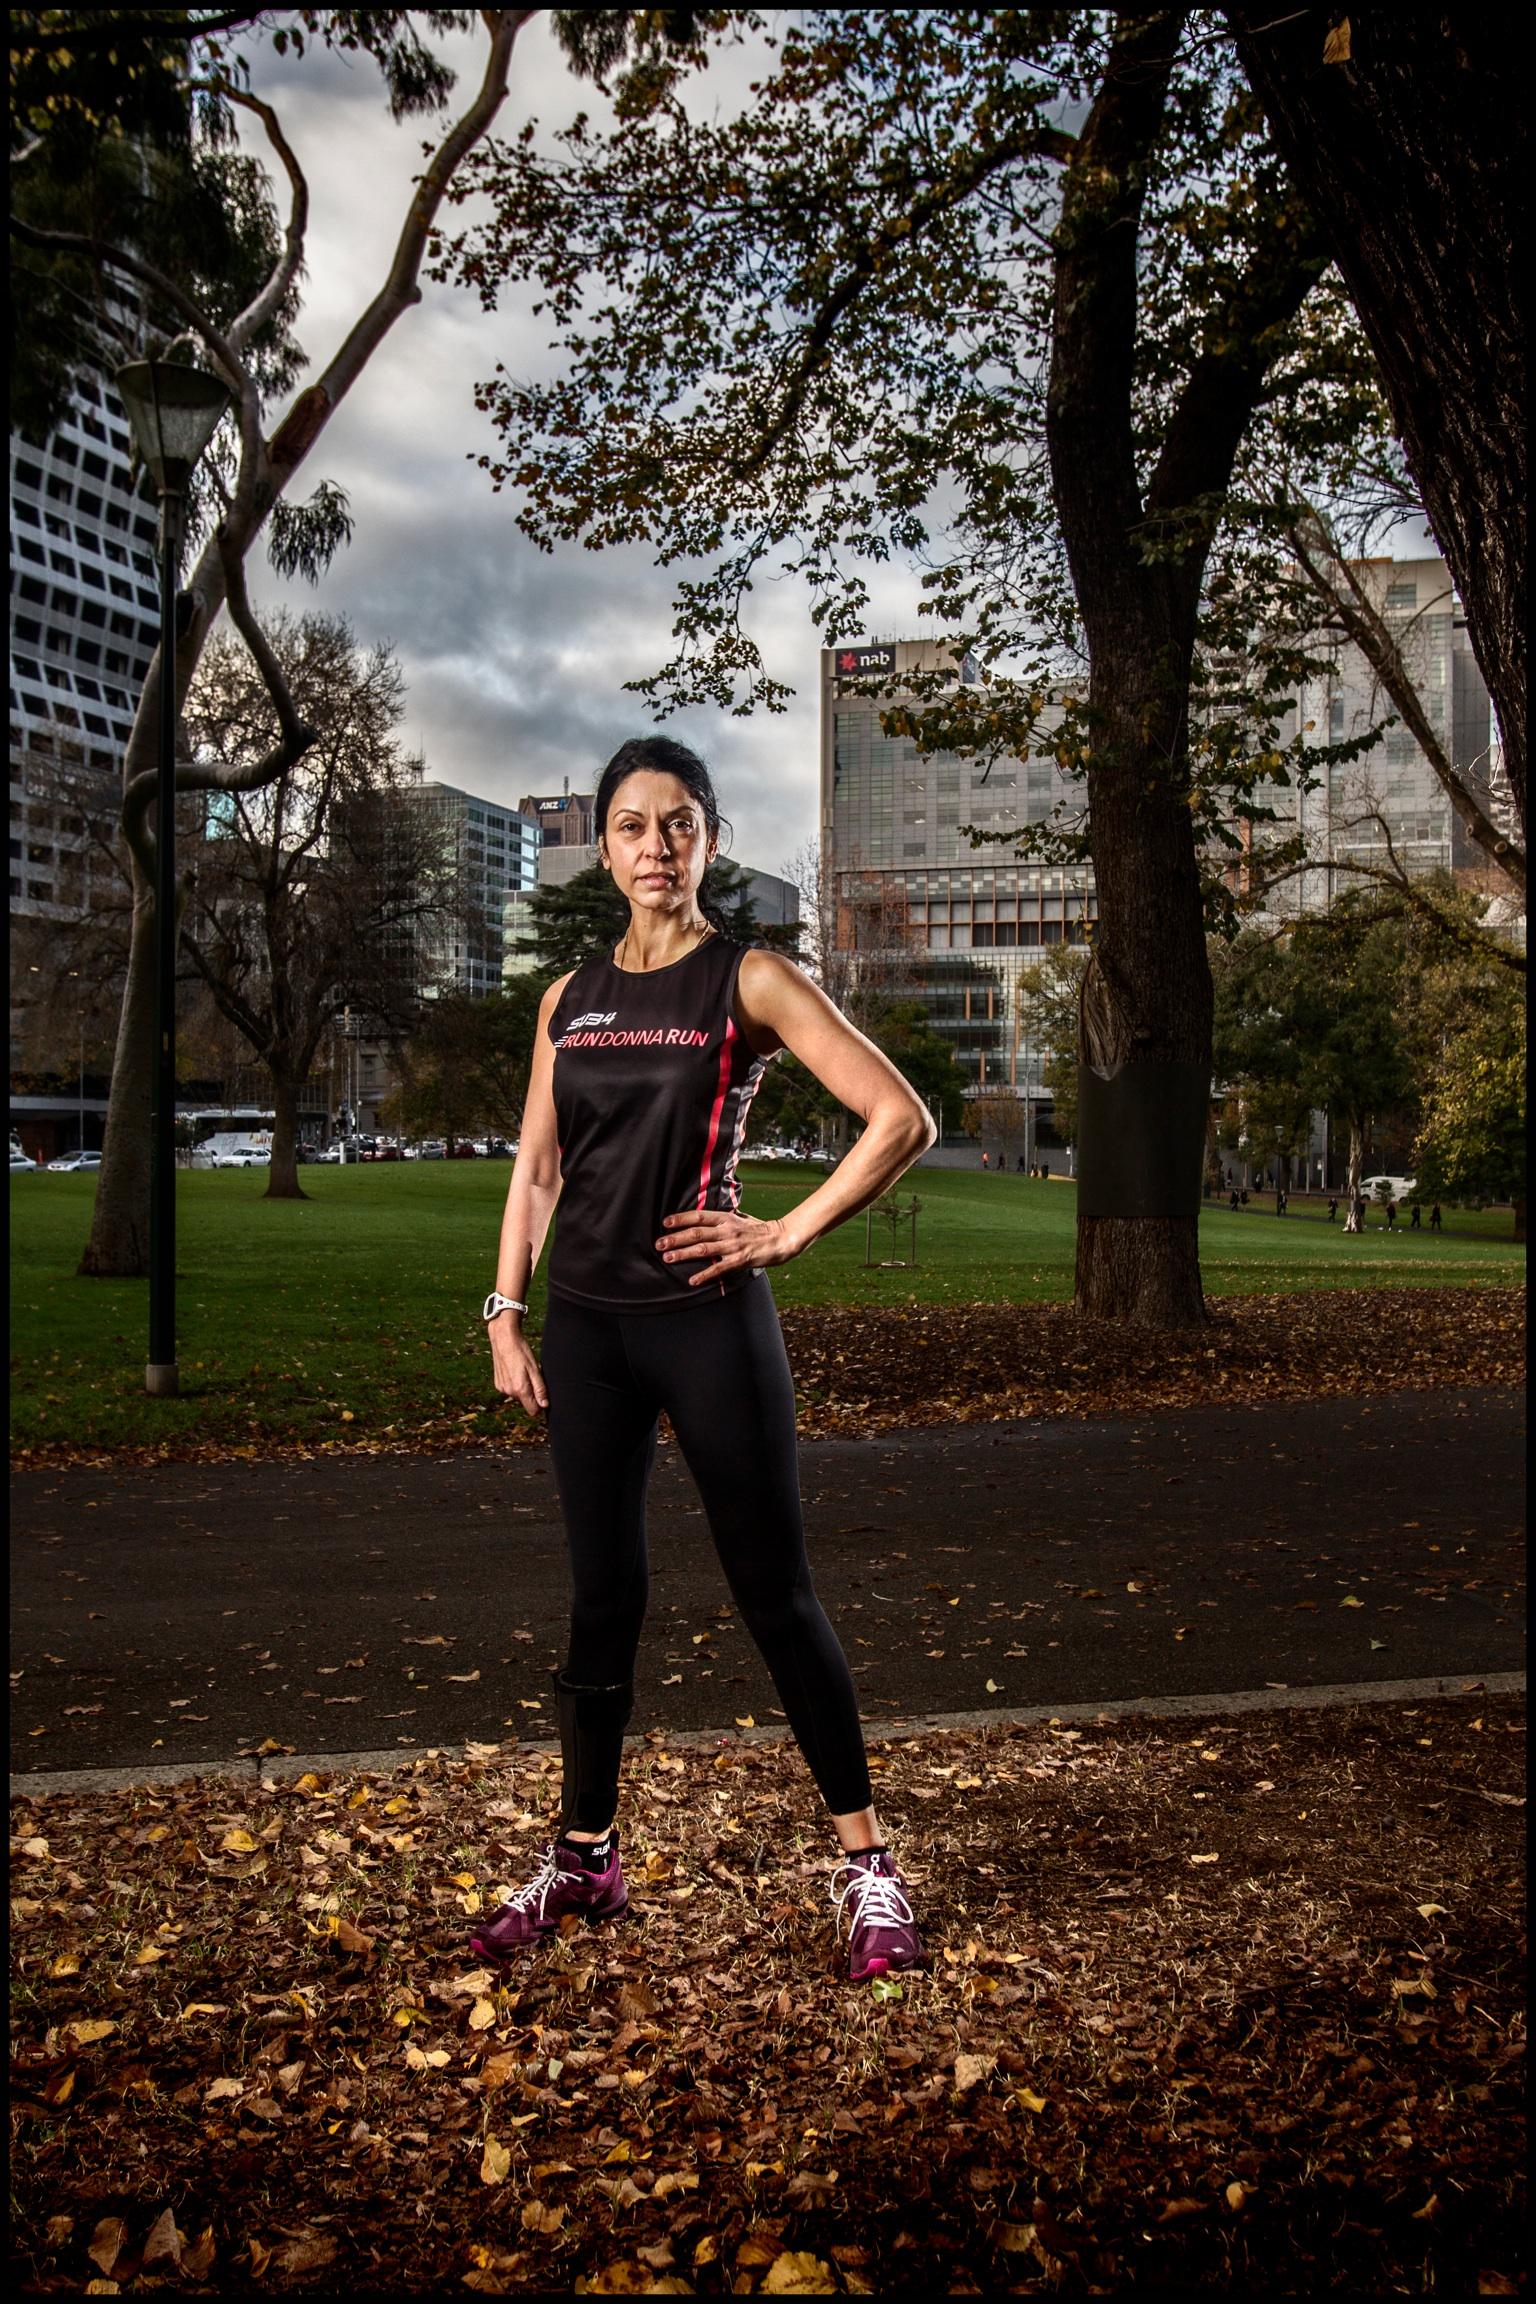 The Power is in Me Marathon Runner Run Donna Run Donna Campisi